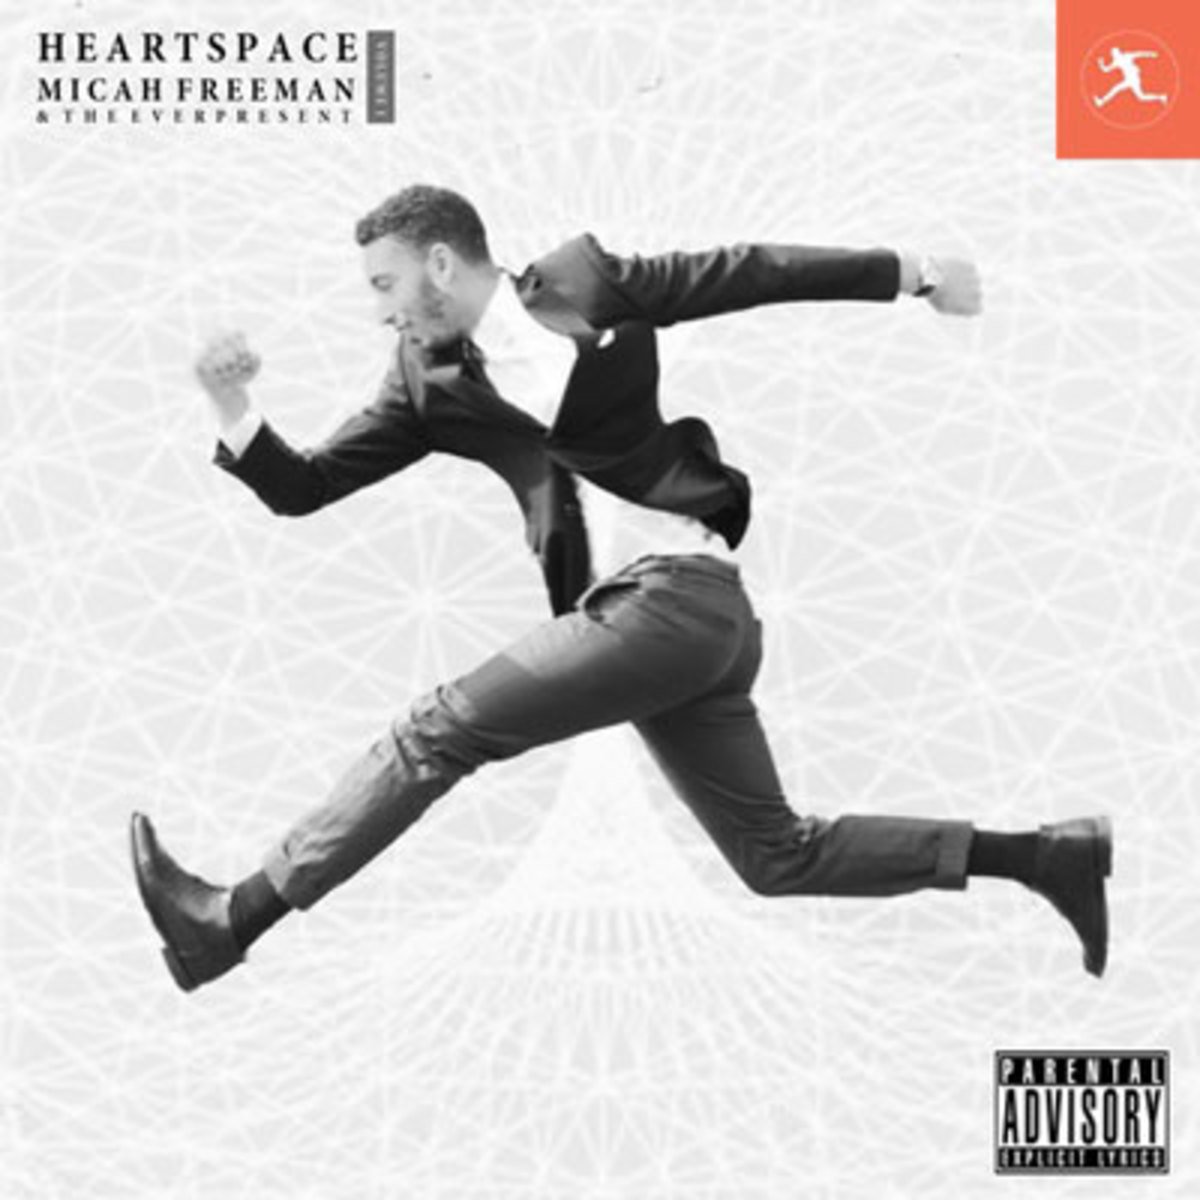 micahfreeman-heartspace1.jpg